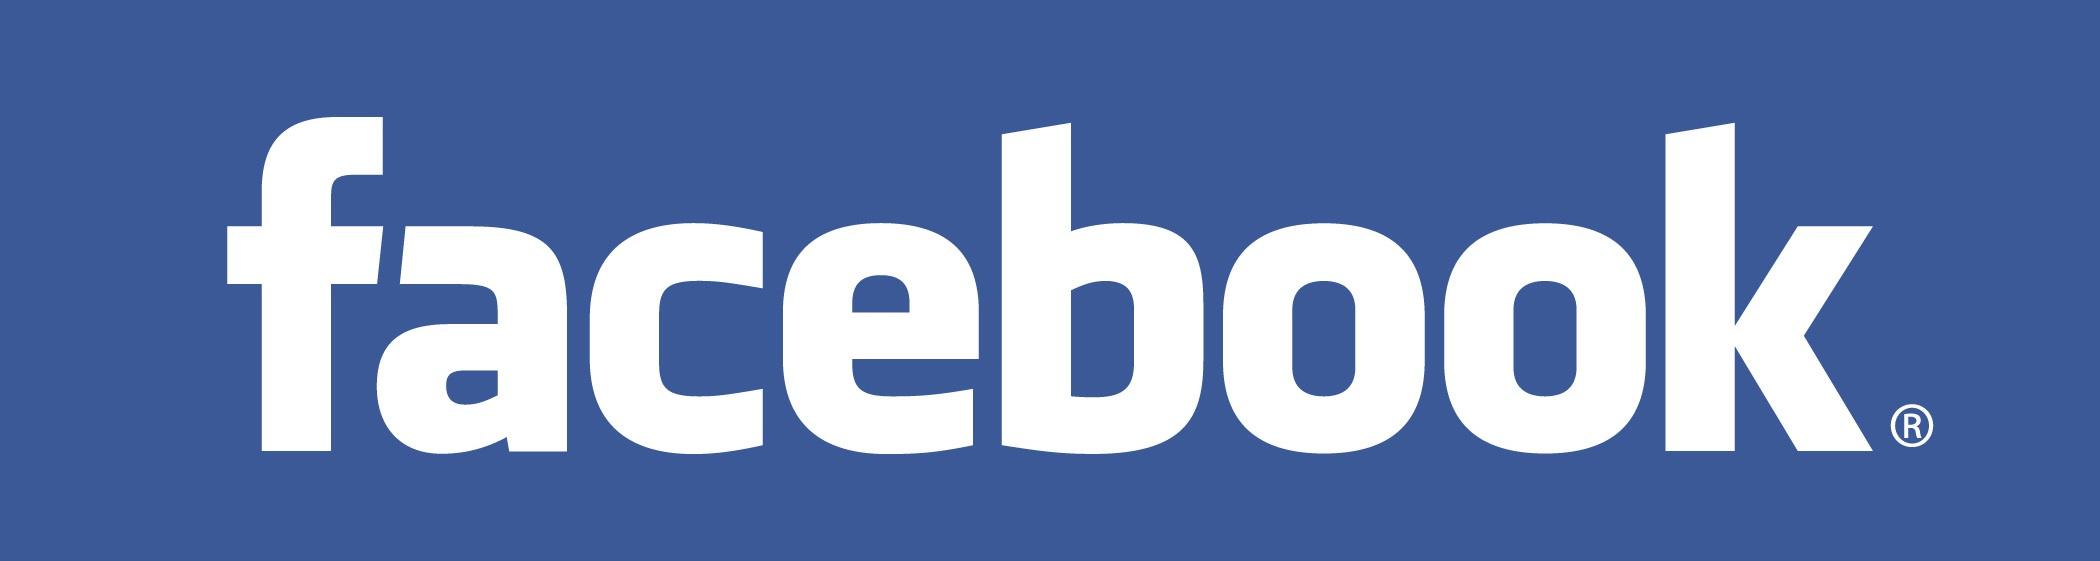 Faceebook odkaz